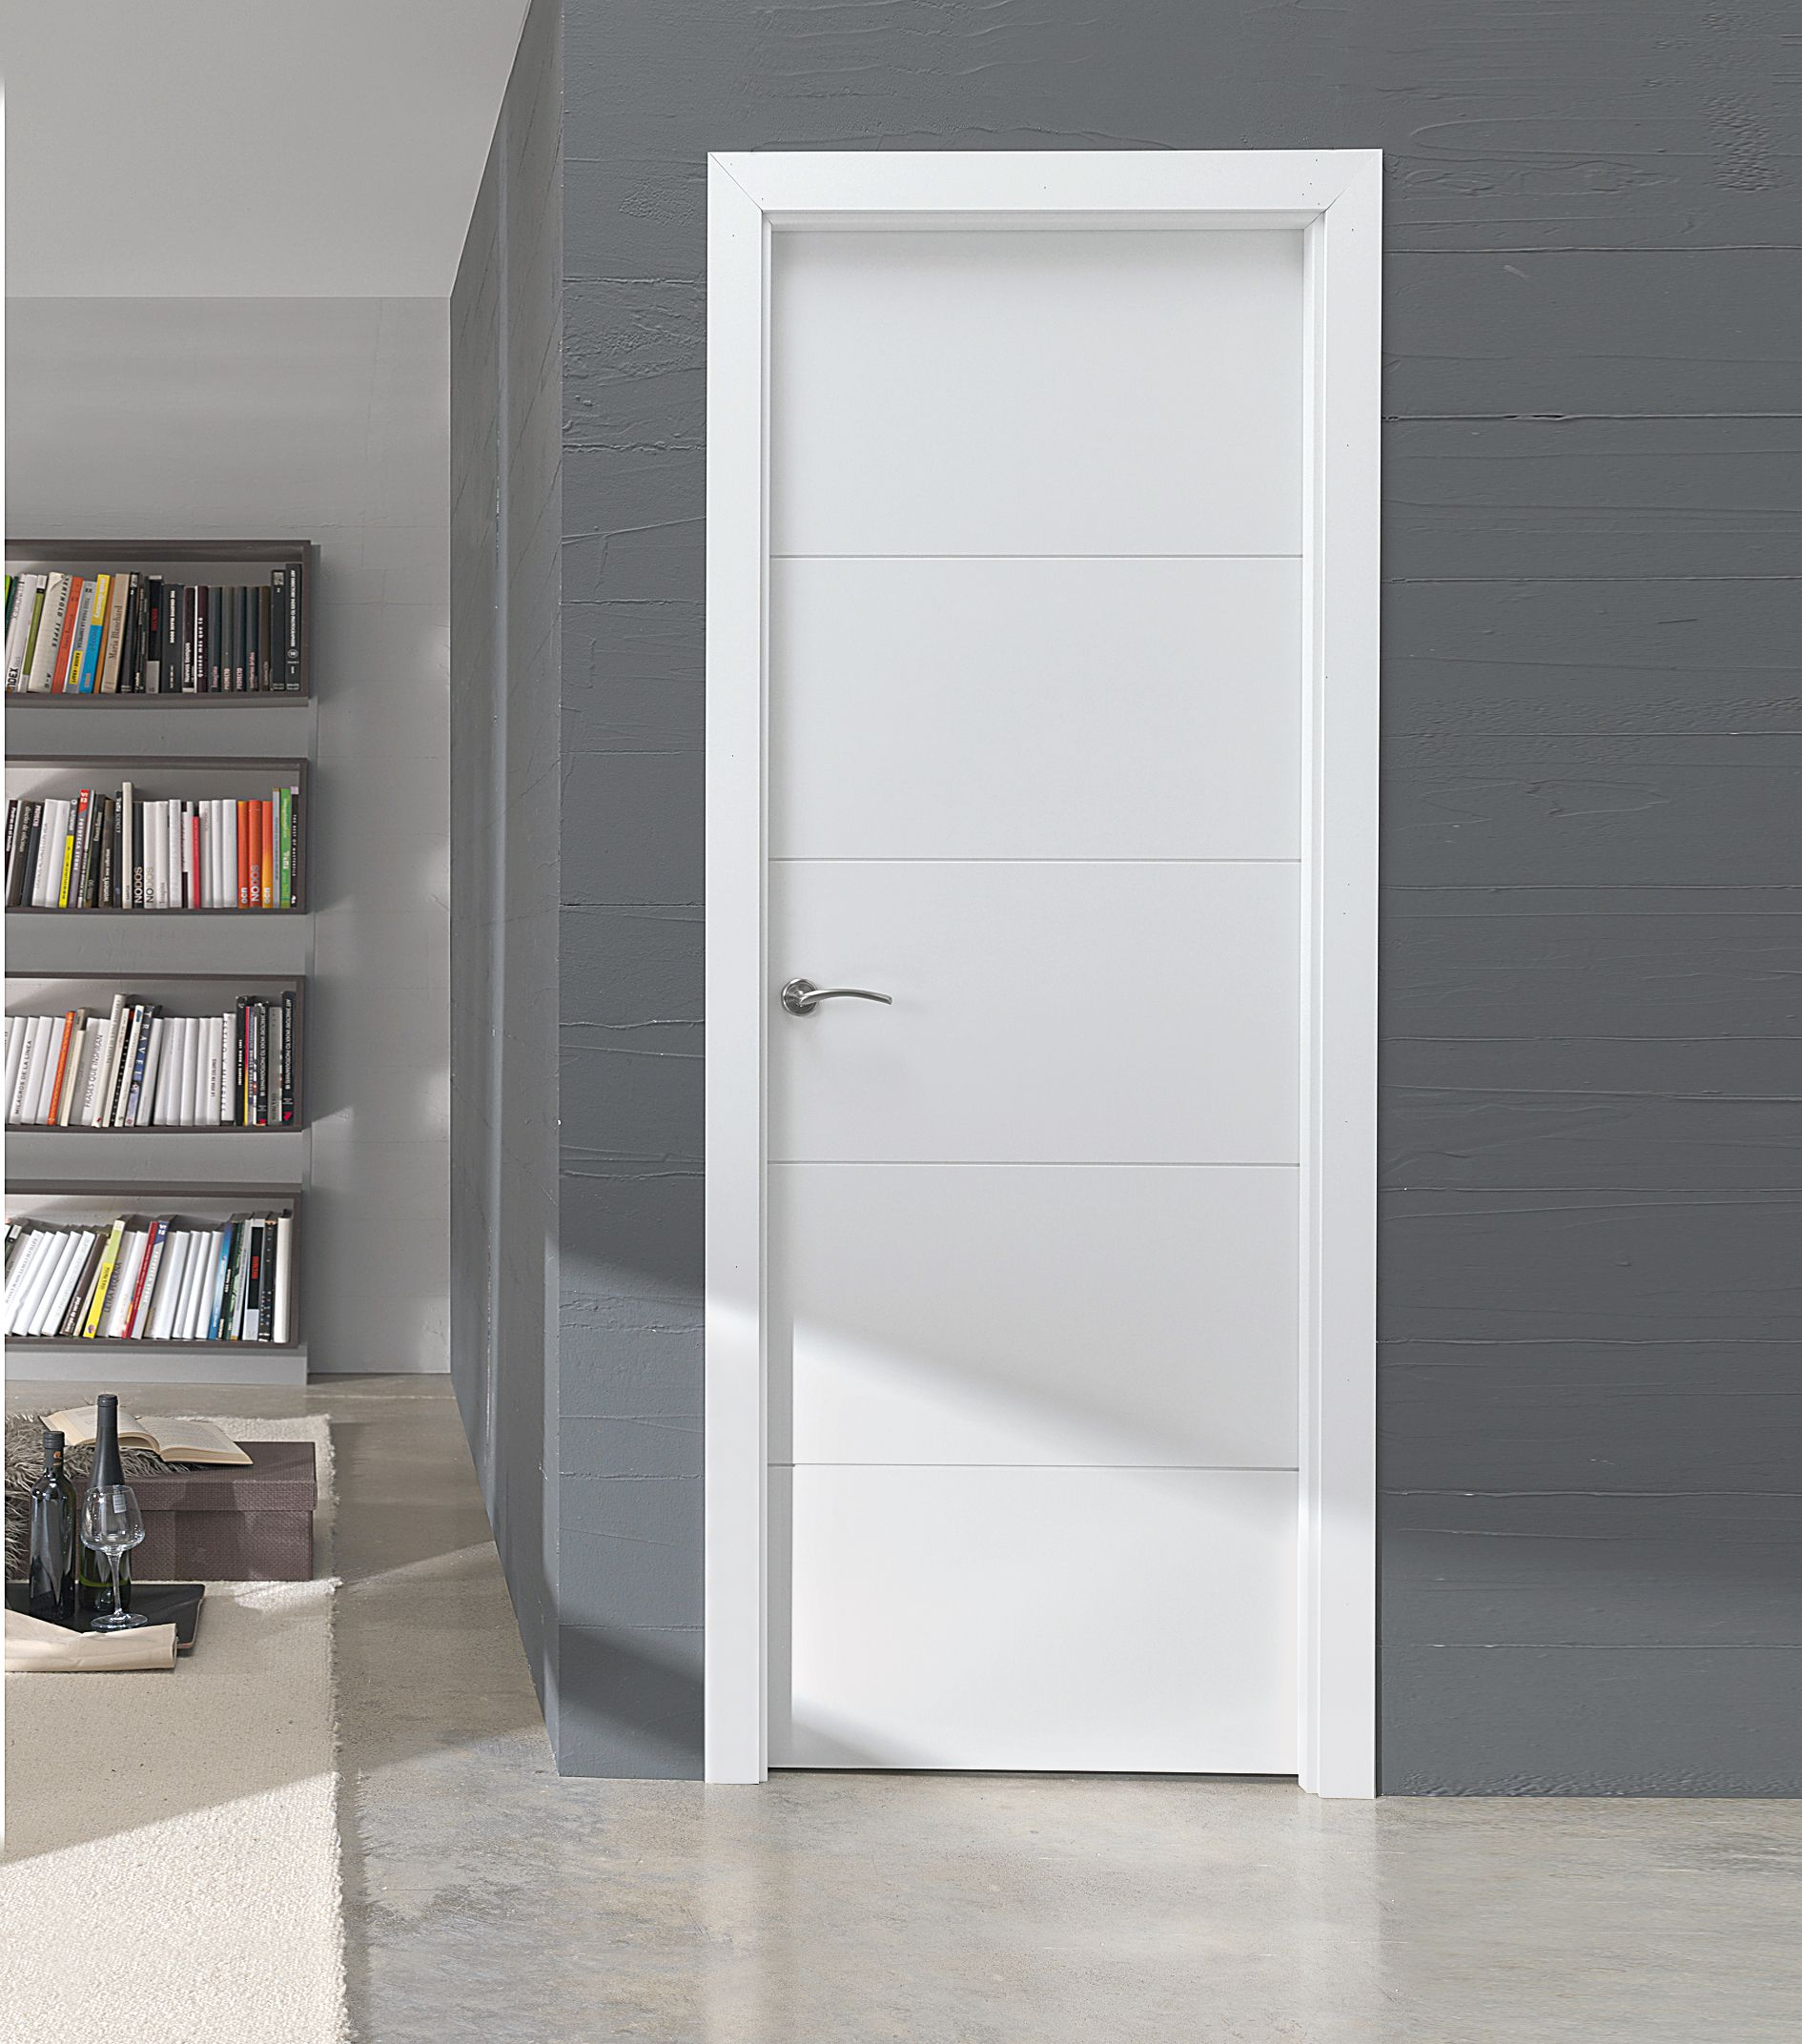 Puerta lm modelo lucerna doors pinterest imagenes de puertas puertas de interior y Decoracion puertas interior